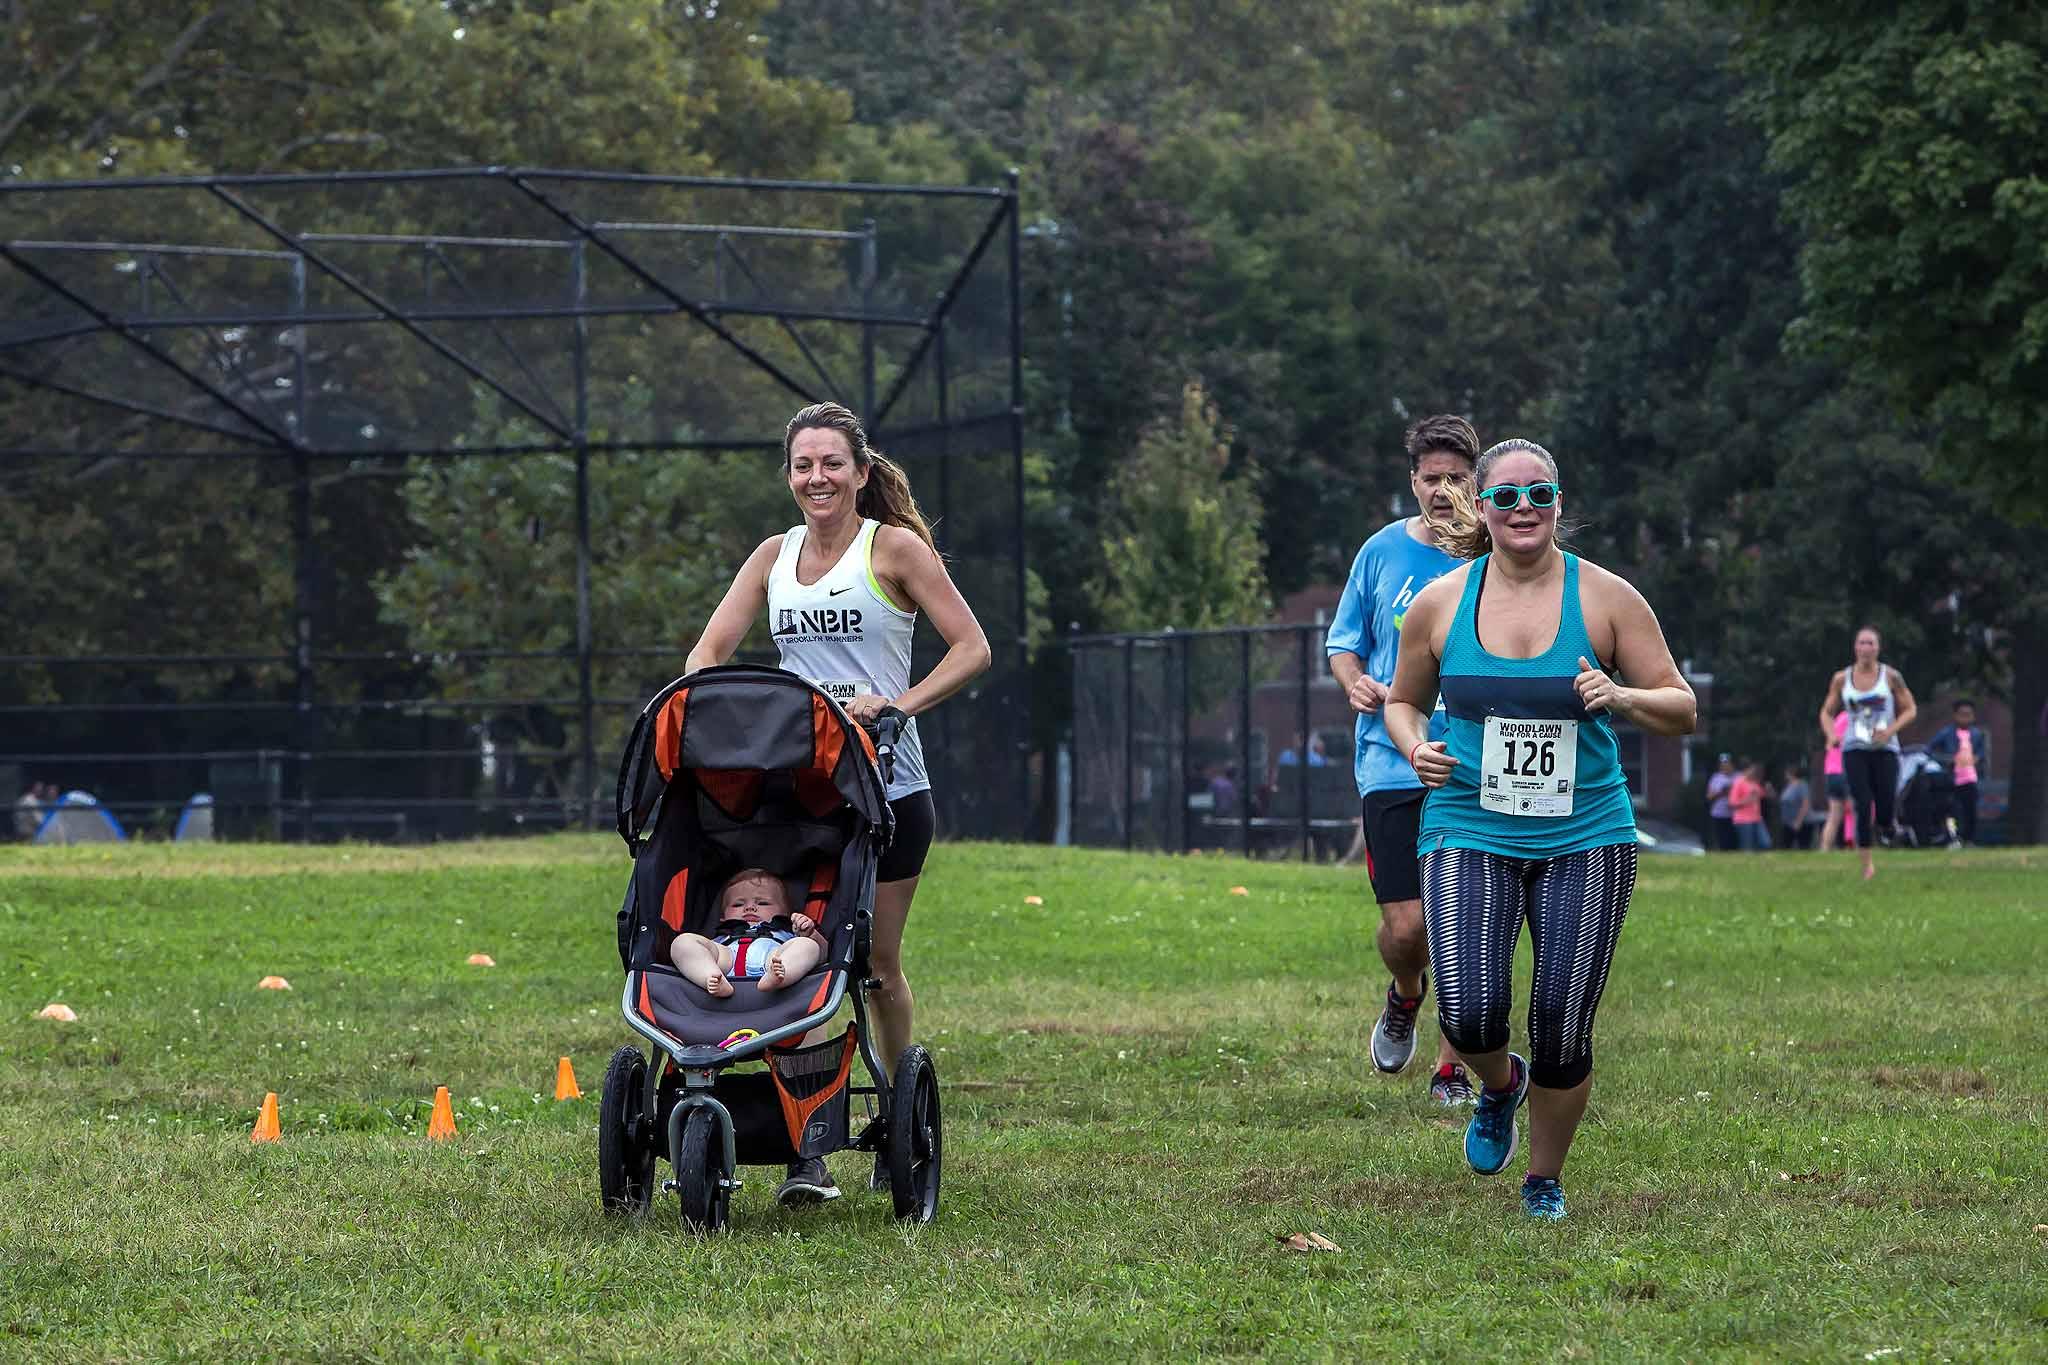 132-Woodlawn Run for a Cause-336.jpg